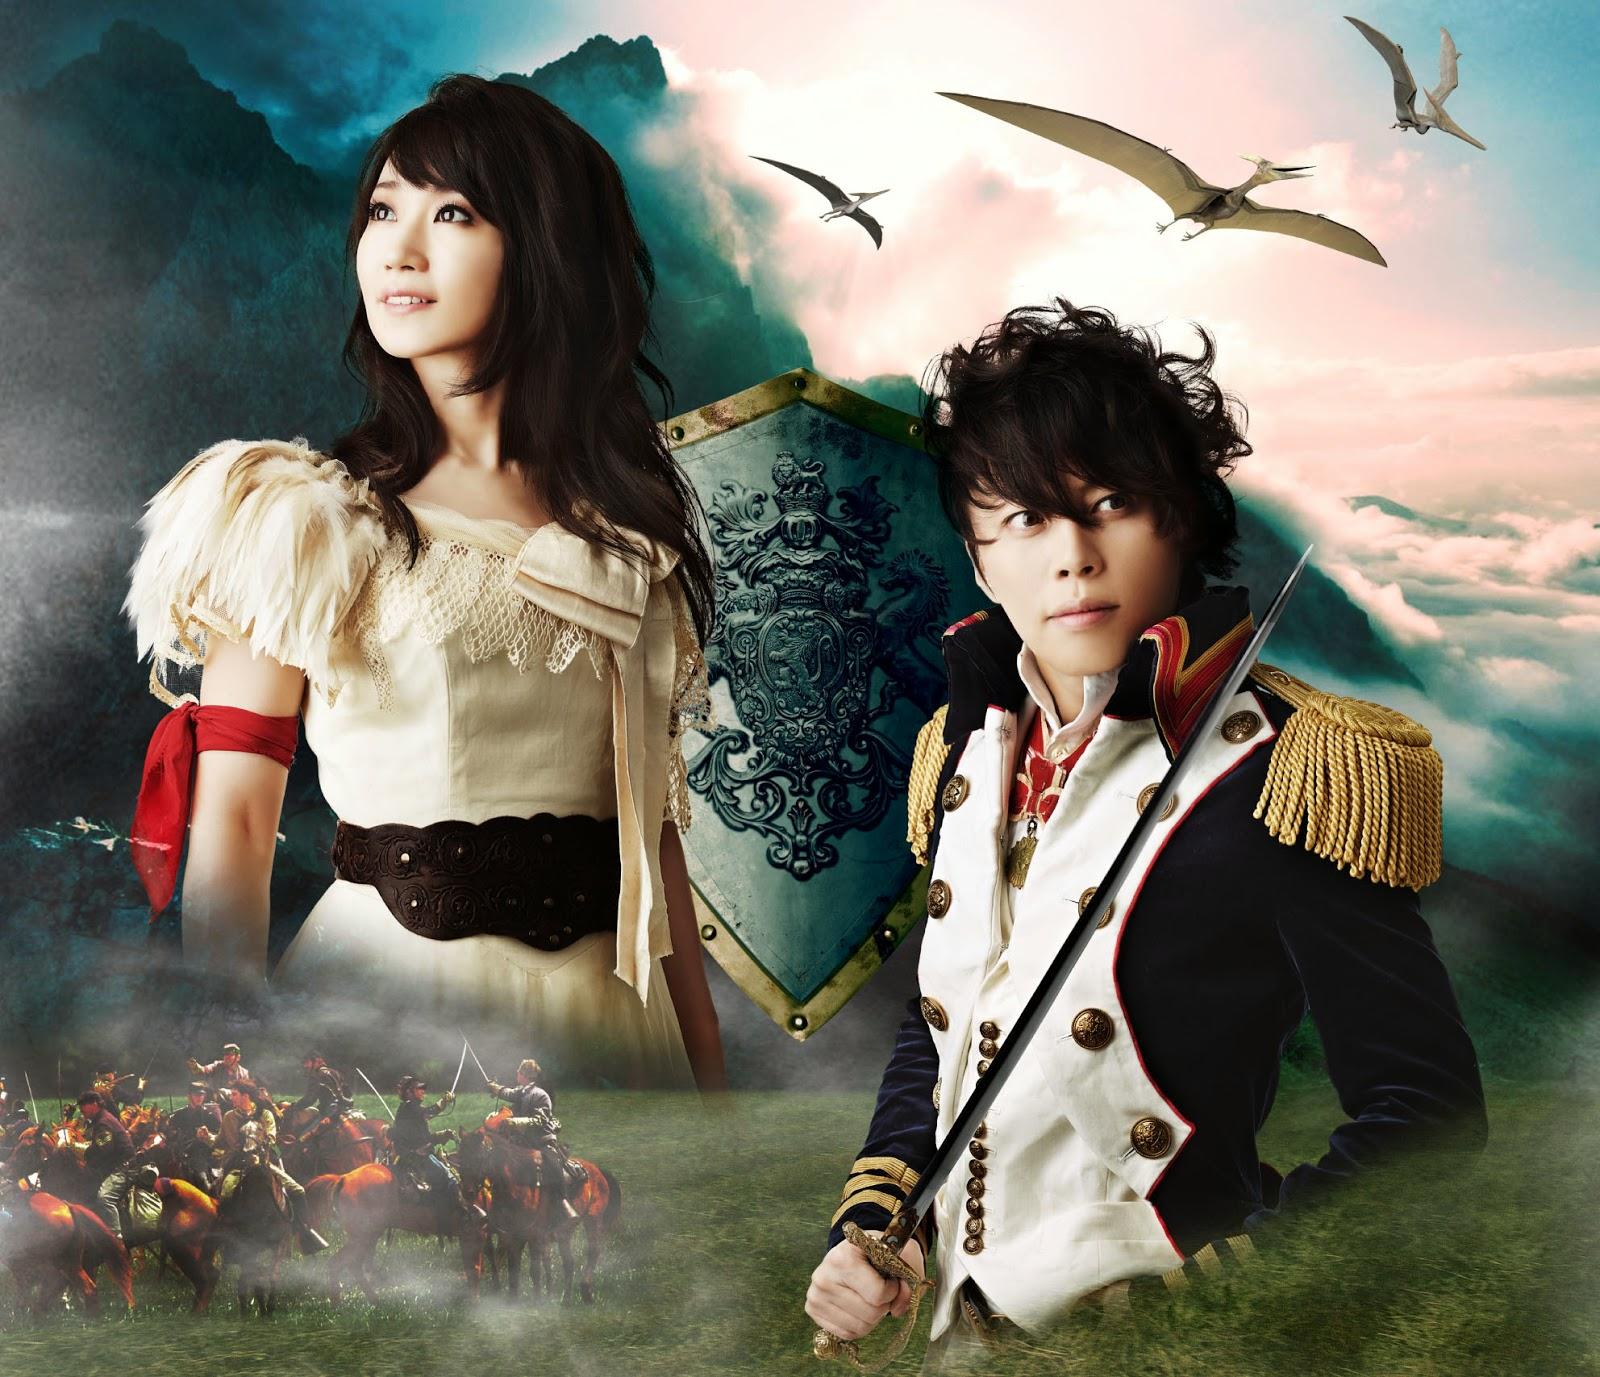 革命デュアリズム ジャケット Kakumei Dualism Cover T.M.Revolution×水樹 ...